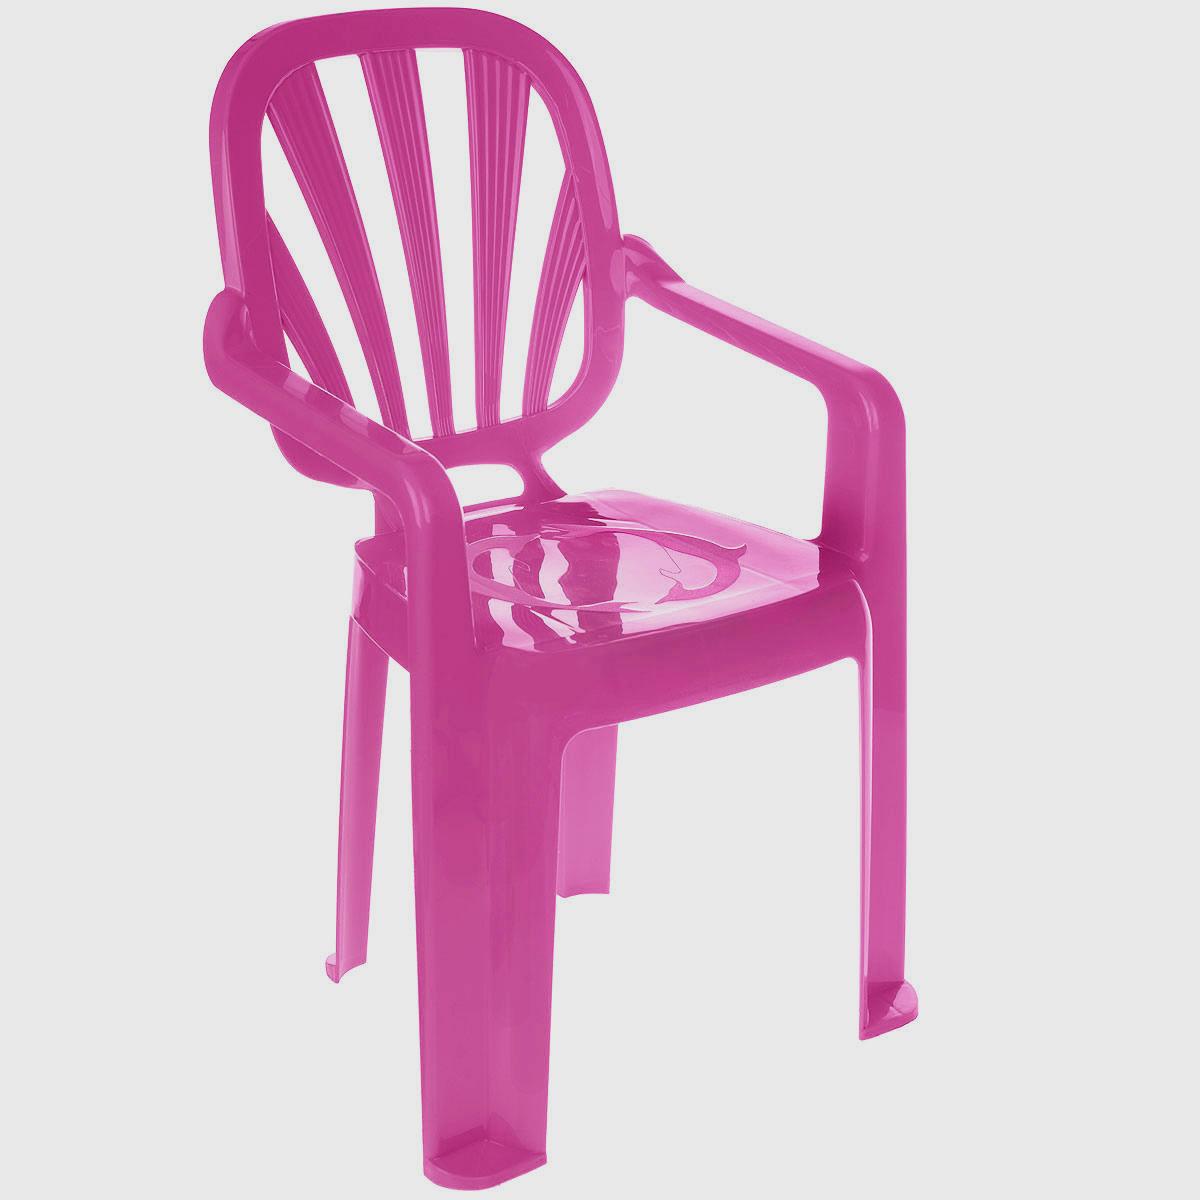 Idea Стульчик детский Арлекино цвет малиновыйМ 2289_малиновыйДетский стульчик Idea Арлекино выполнен из высококачественного пластика. Прочный и удобный, без острых углов, легко транспортируемый стул прослужит вам долгие годы. Сиденье стульчика оформлено рельефным изображением дельфинов. Надежная опора ножек предотвращает опрокидывание стула. Детский стул Idea Арлекино порадует вашего ребенка.